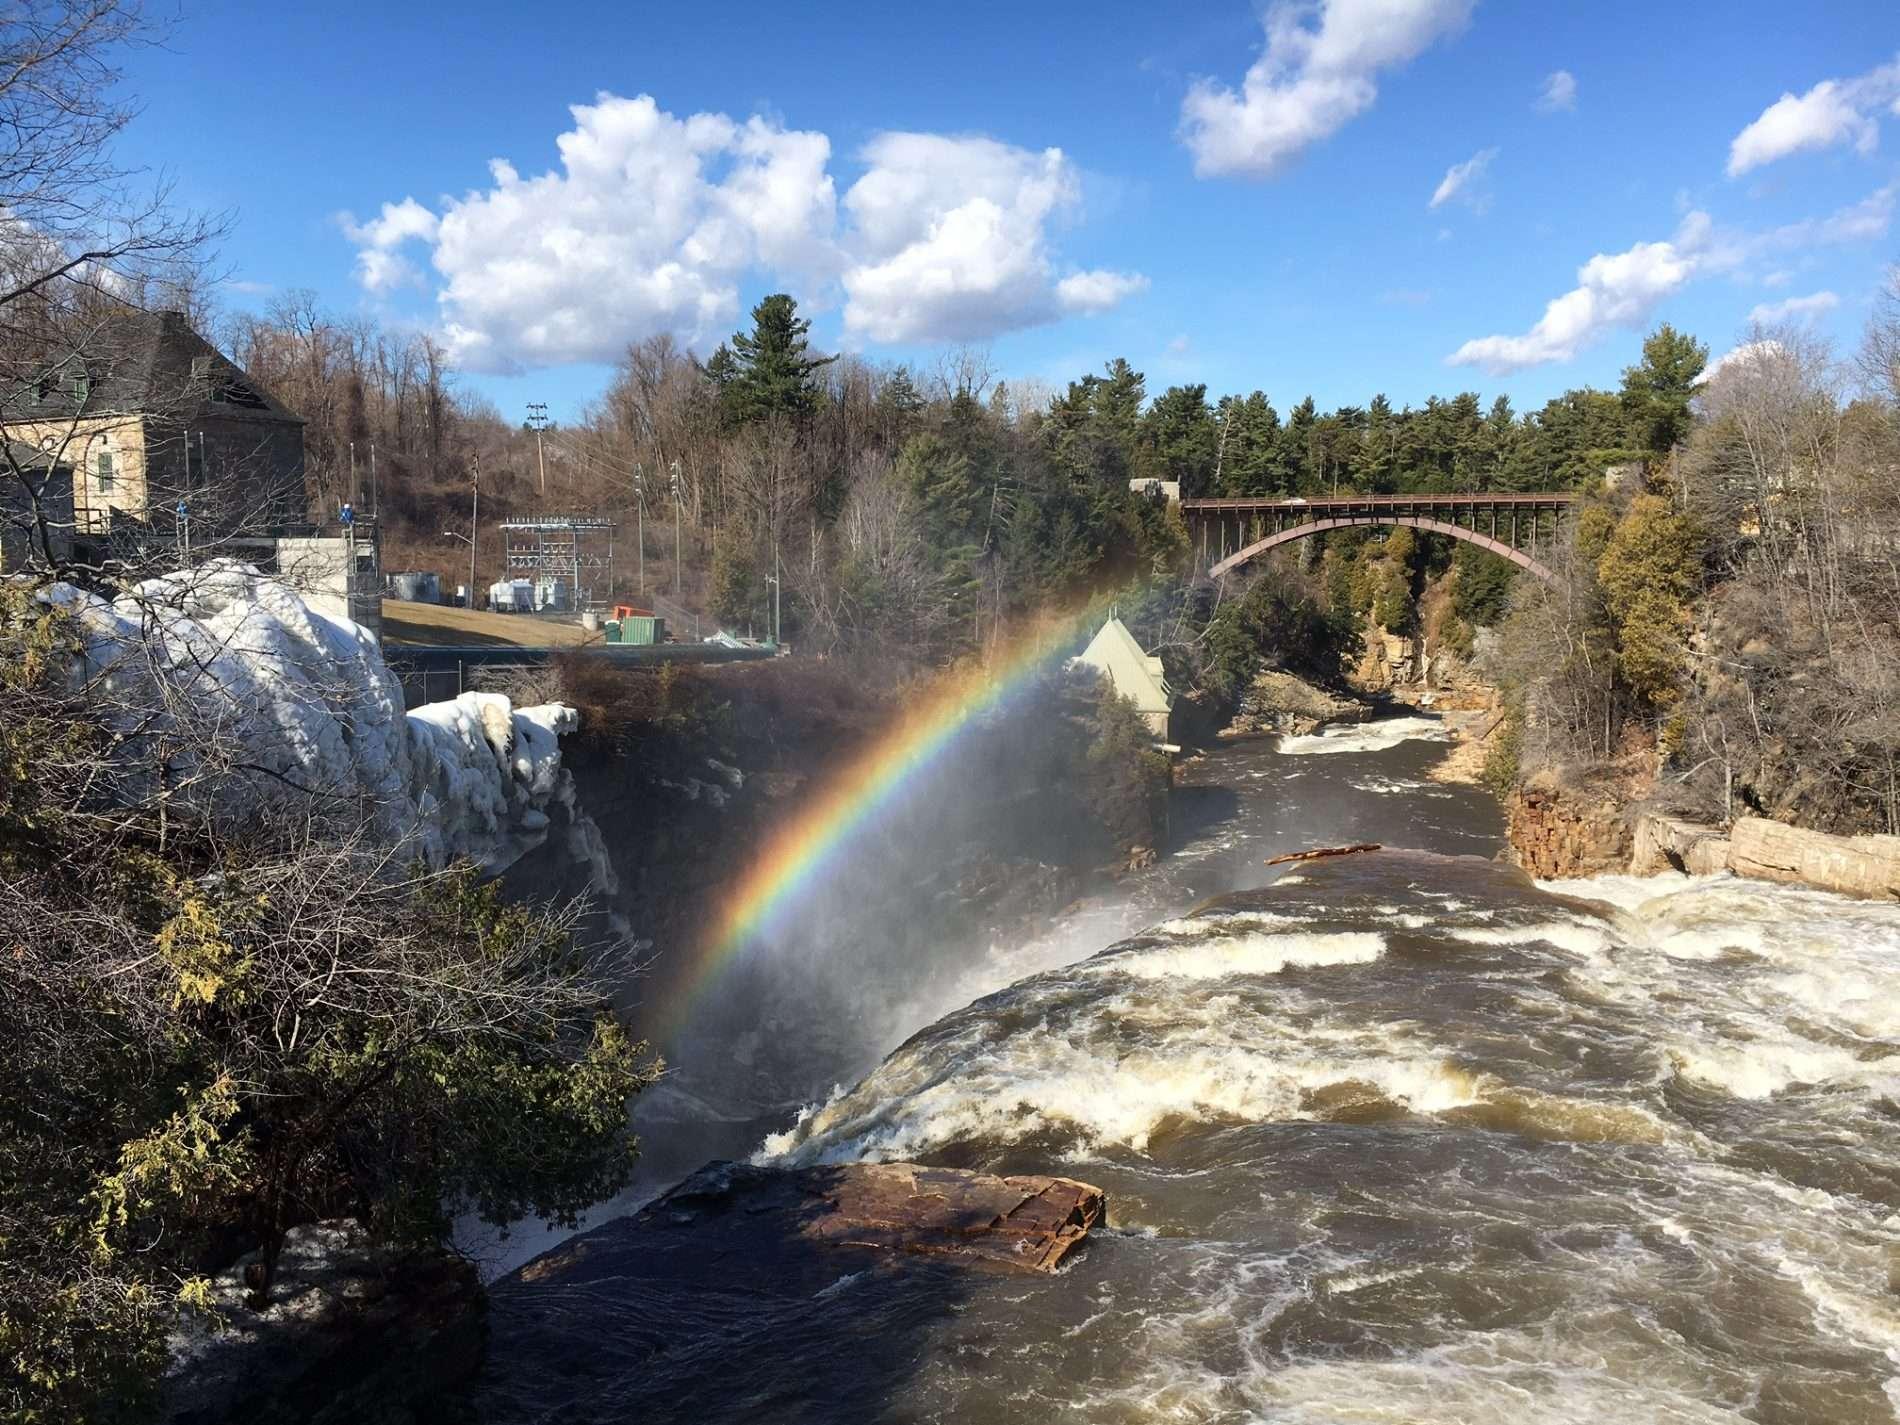 Adirondack Adventure Tours